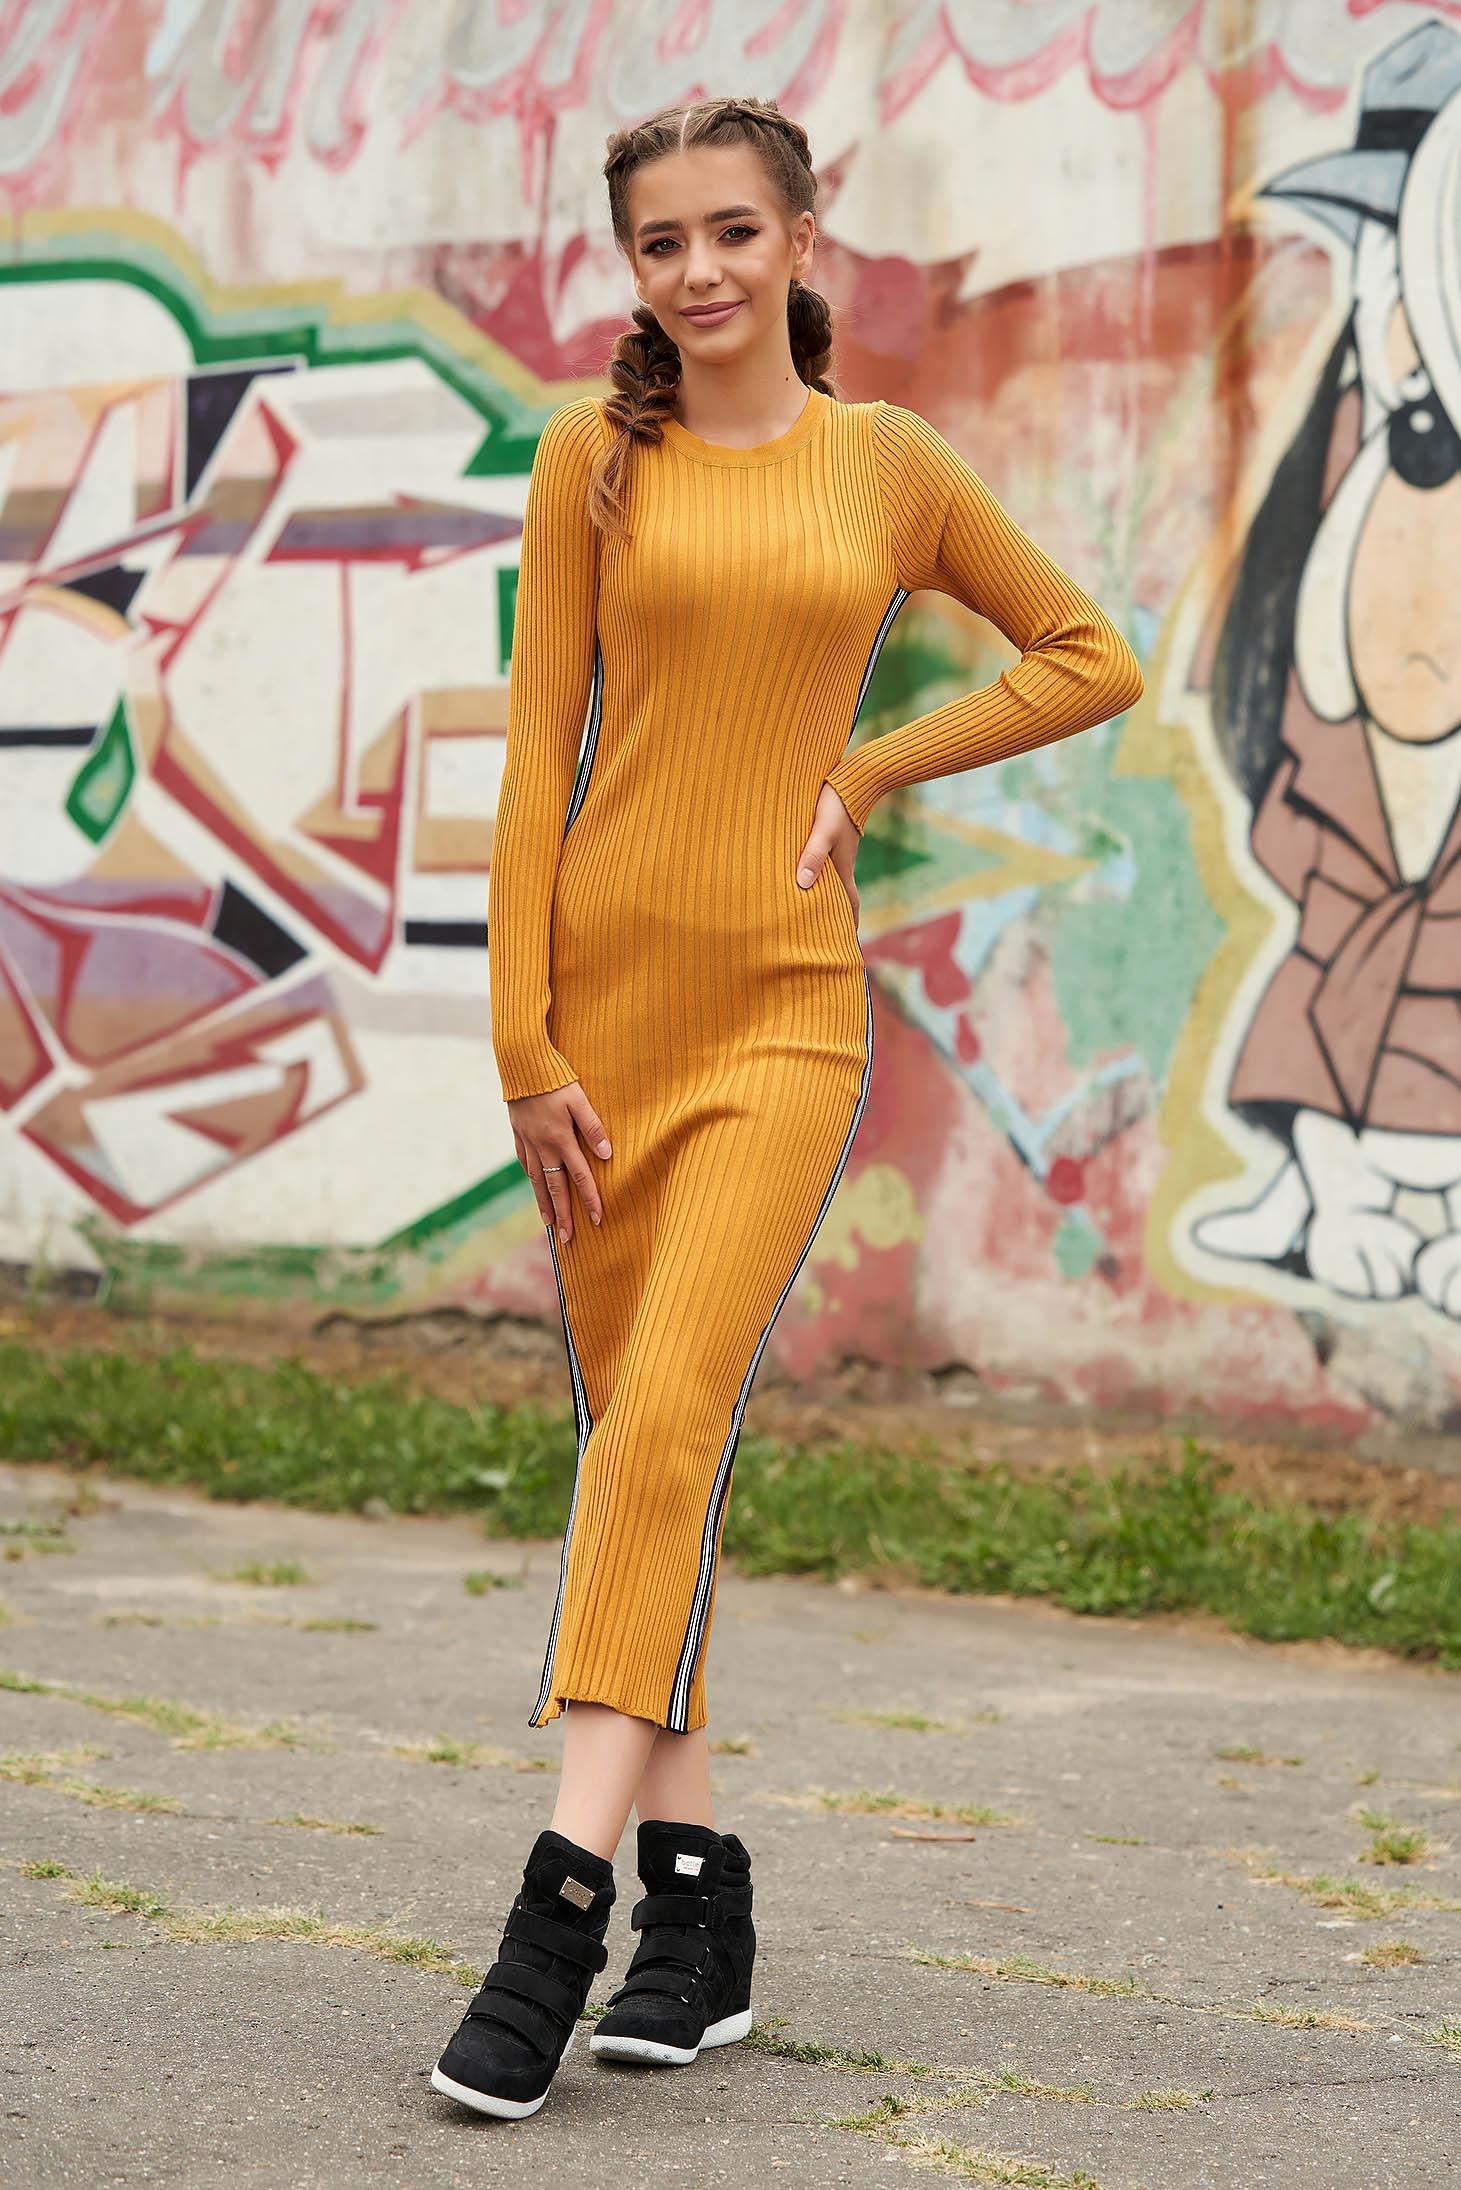 Rochie SunShine mustarie casual tip creion din material reiat tricotat cu decolteu rotunjit si maneci lungi